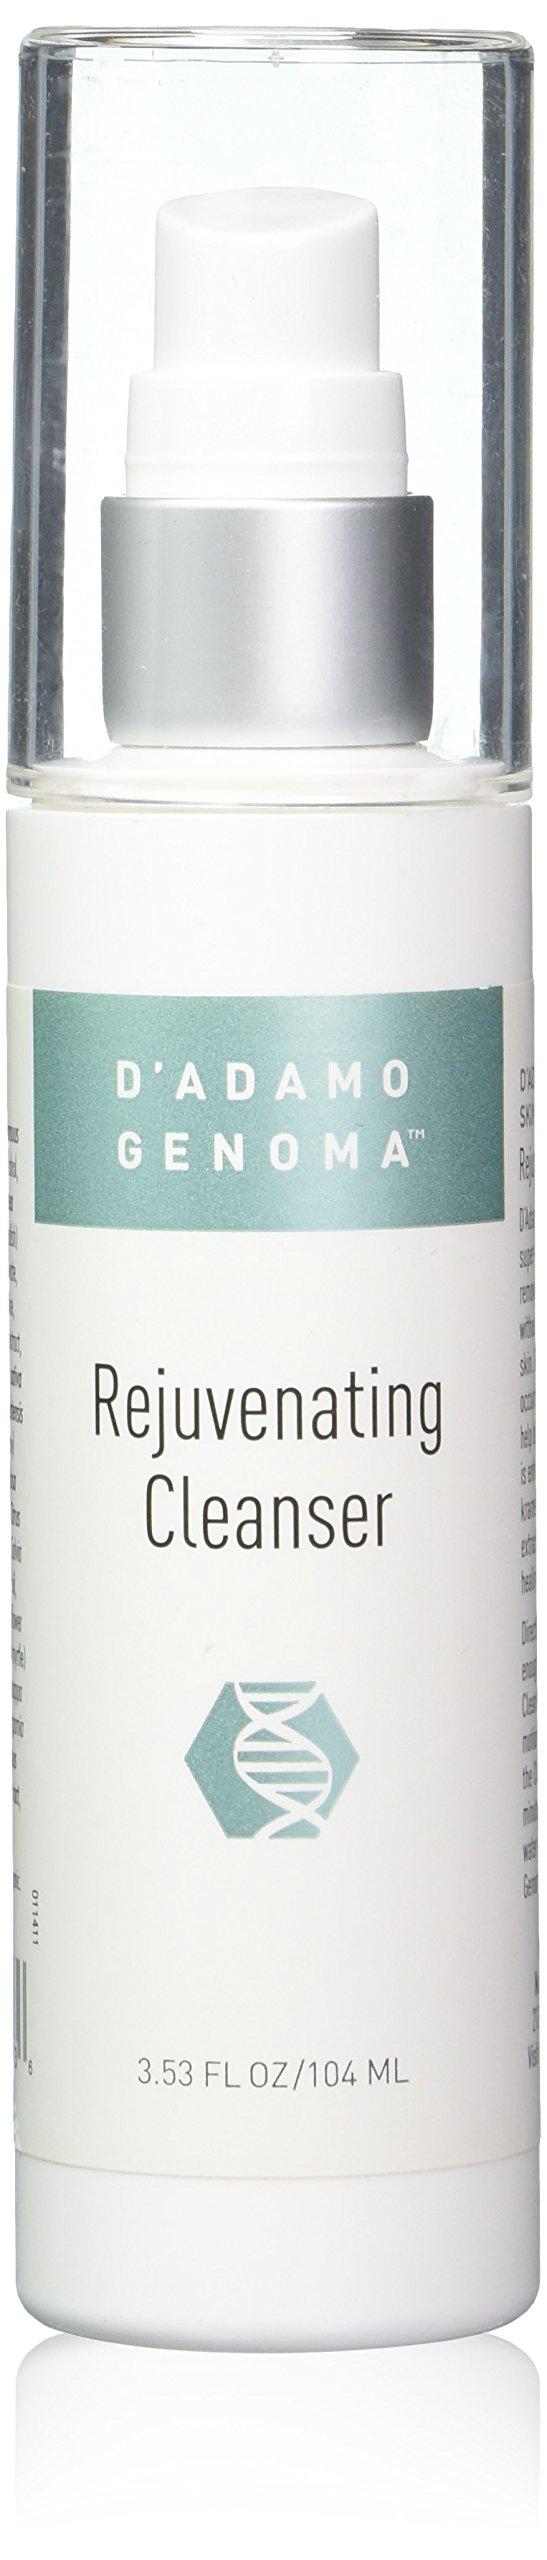 dadamo genoma age-inhibiting toner 3.53oz AVEENO Active Naturals Positively Radiant Tinted Moisturizer Medium 2.50 oz (Pack of 3)